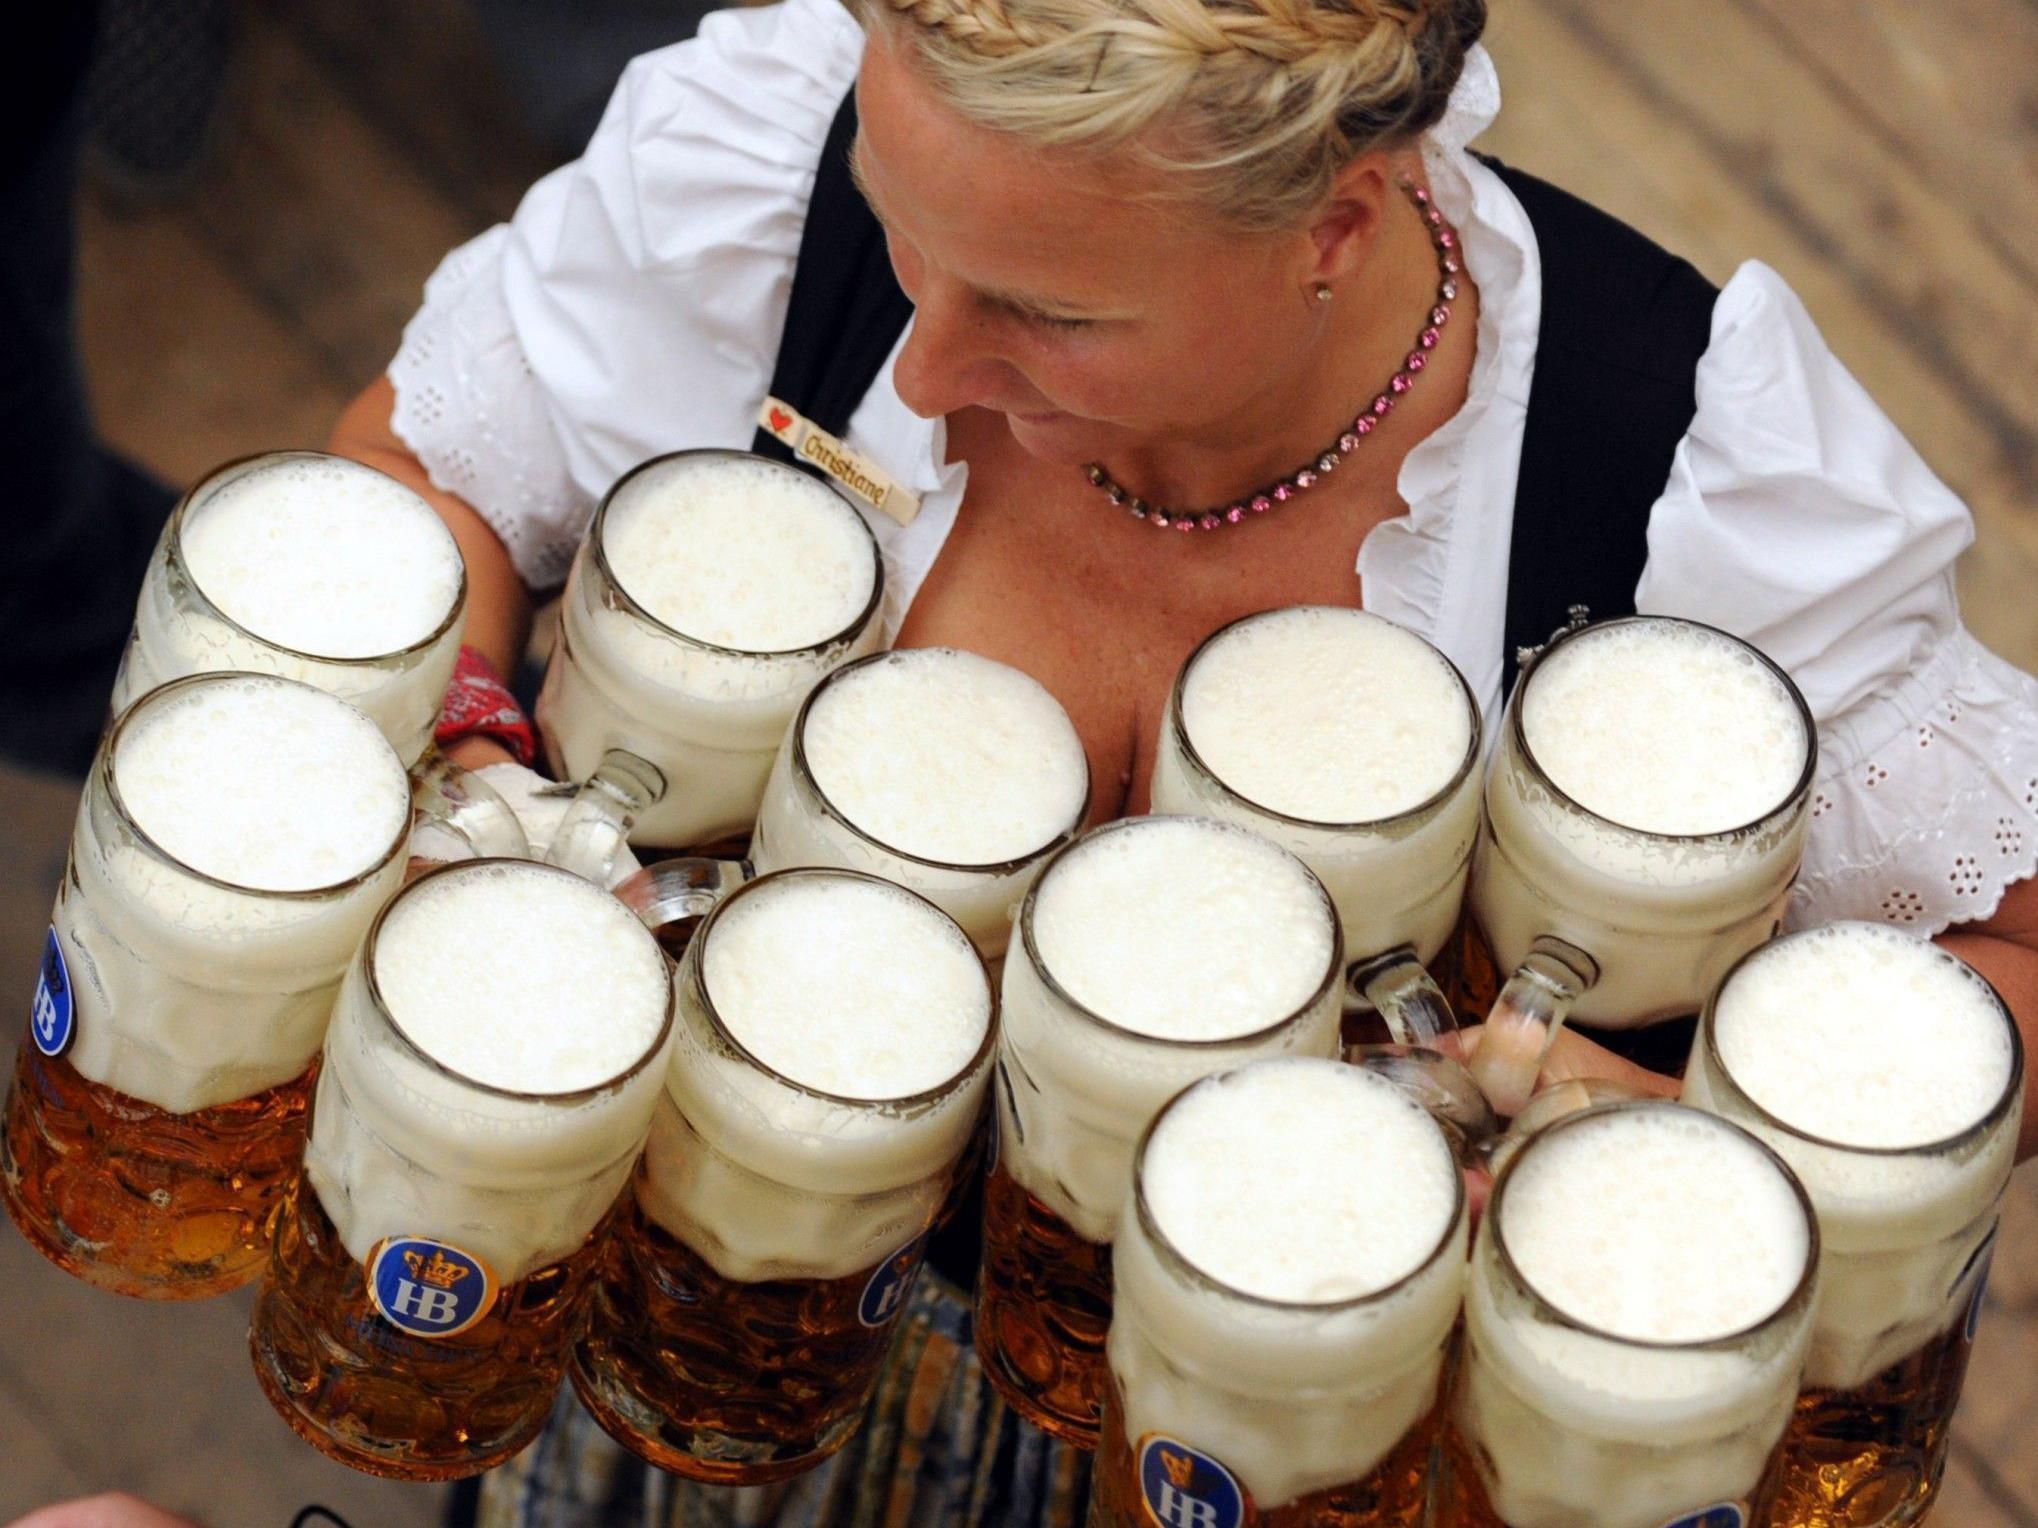 Das größte Volksfest der Welt: Oktoberfest in München vom 22.09. bis 07.10.2012.